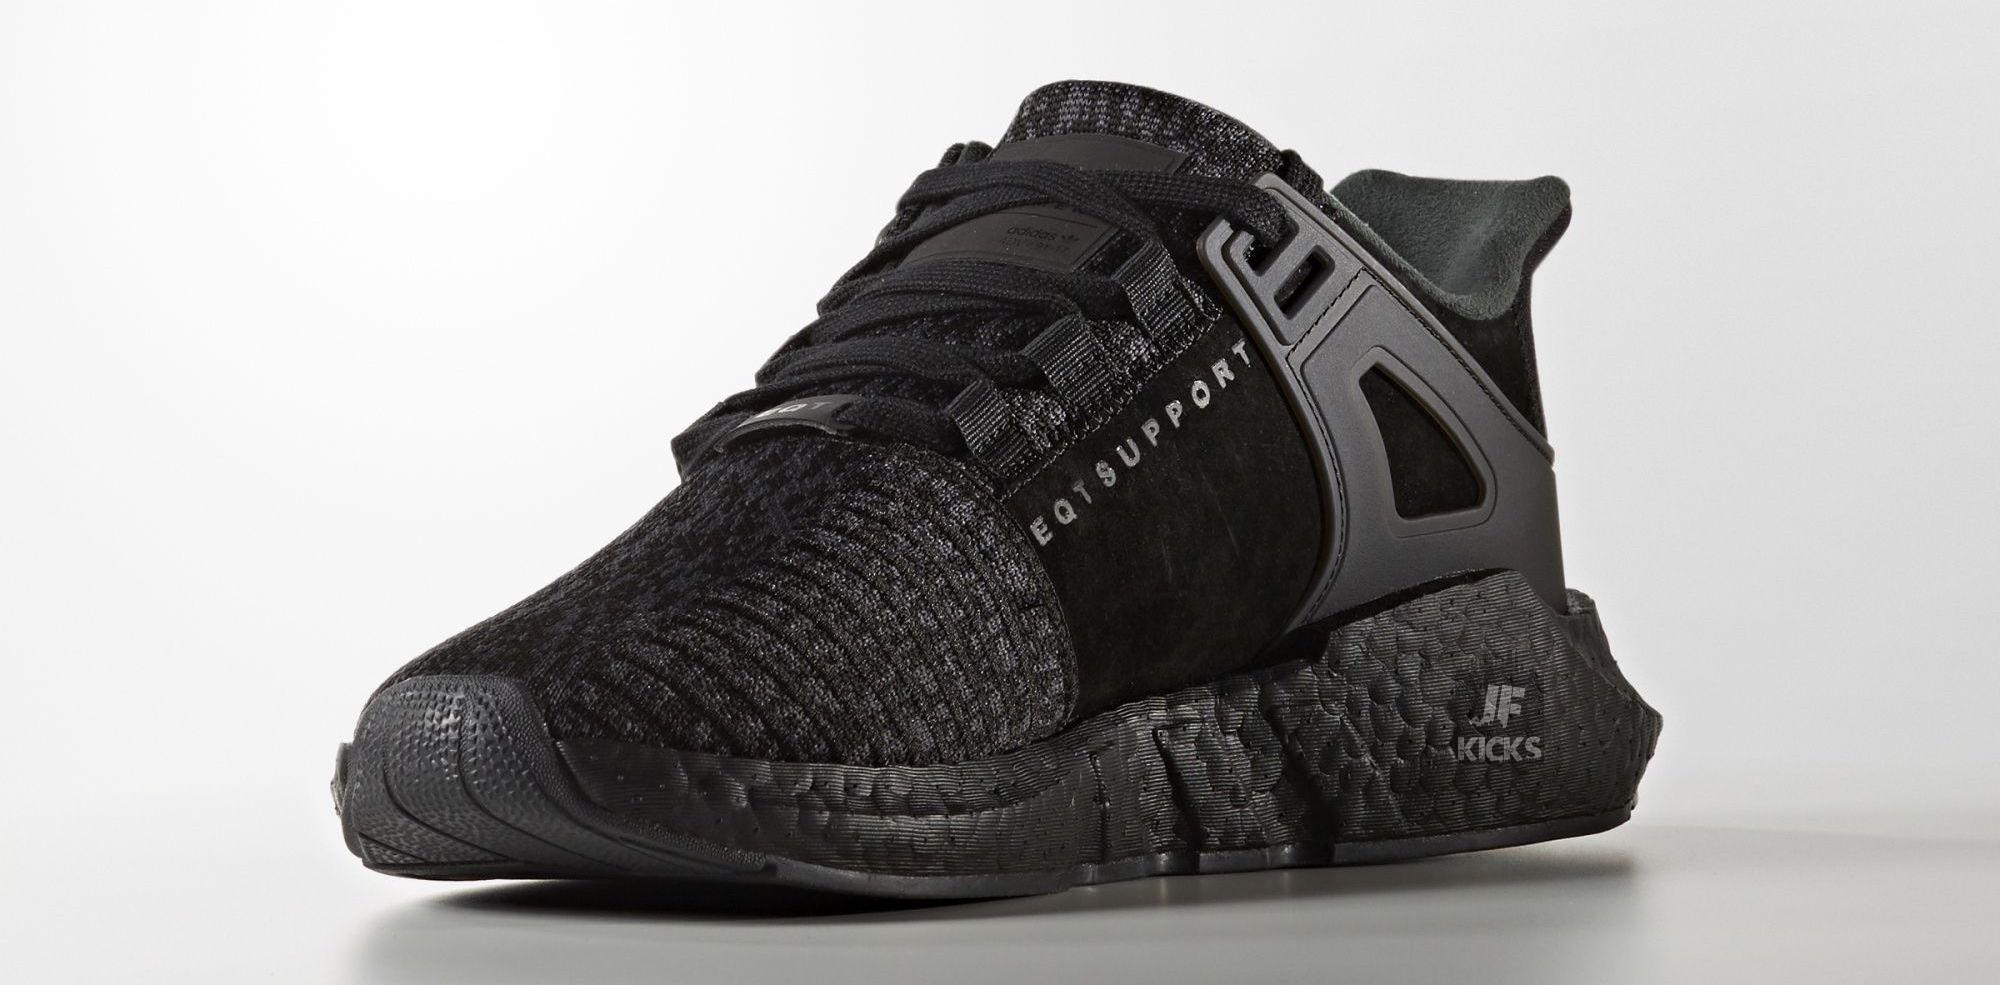 Adidas Eqt Support 93 17 Triple Black Releasing November 24th 2017 Triple Black Eqt 93 17 Releasing Sneakers Men Fashion Women Sport Sneakers Best Sneakers